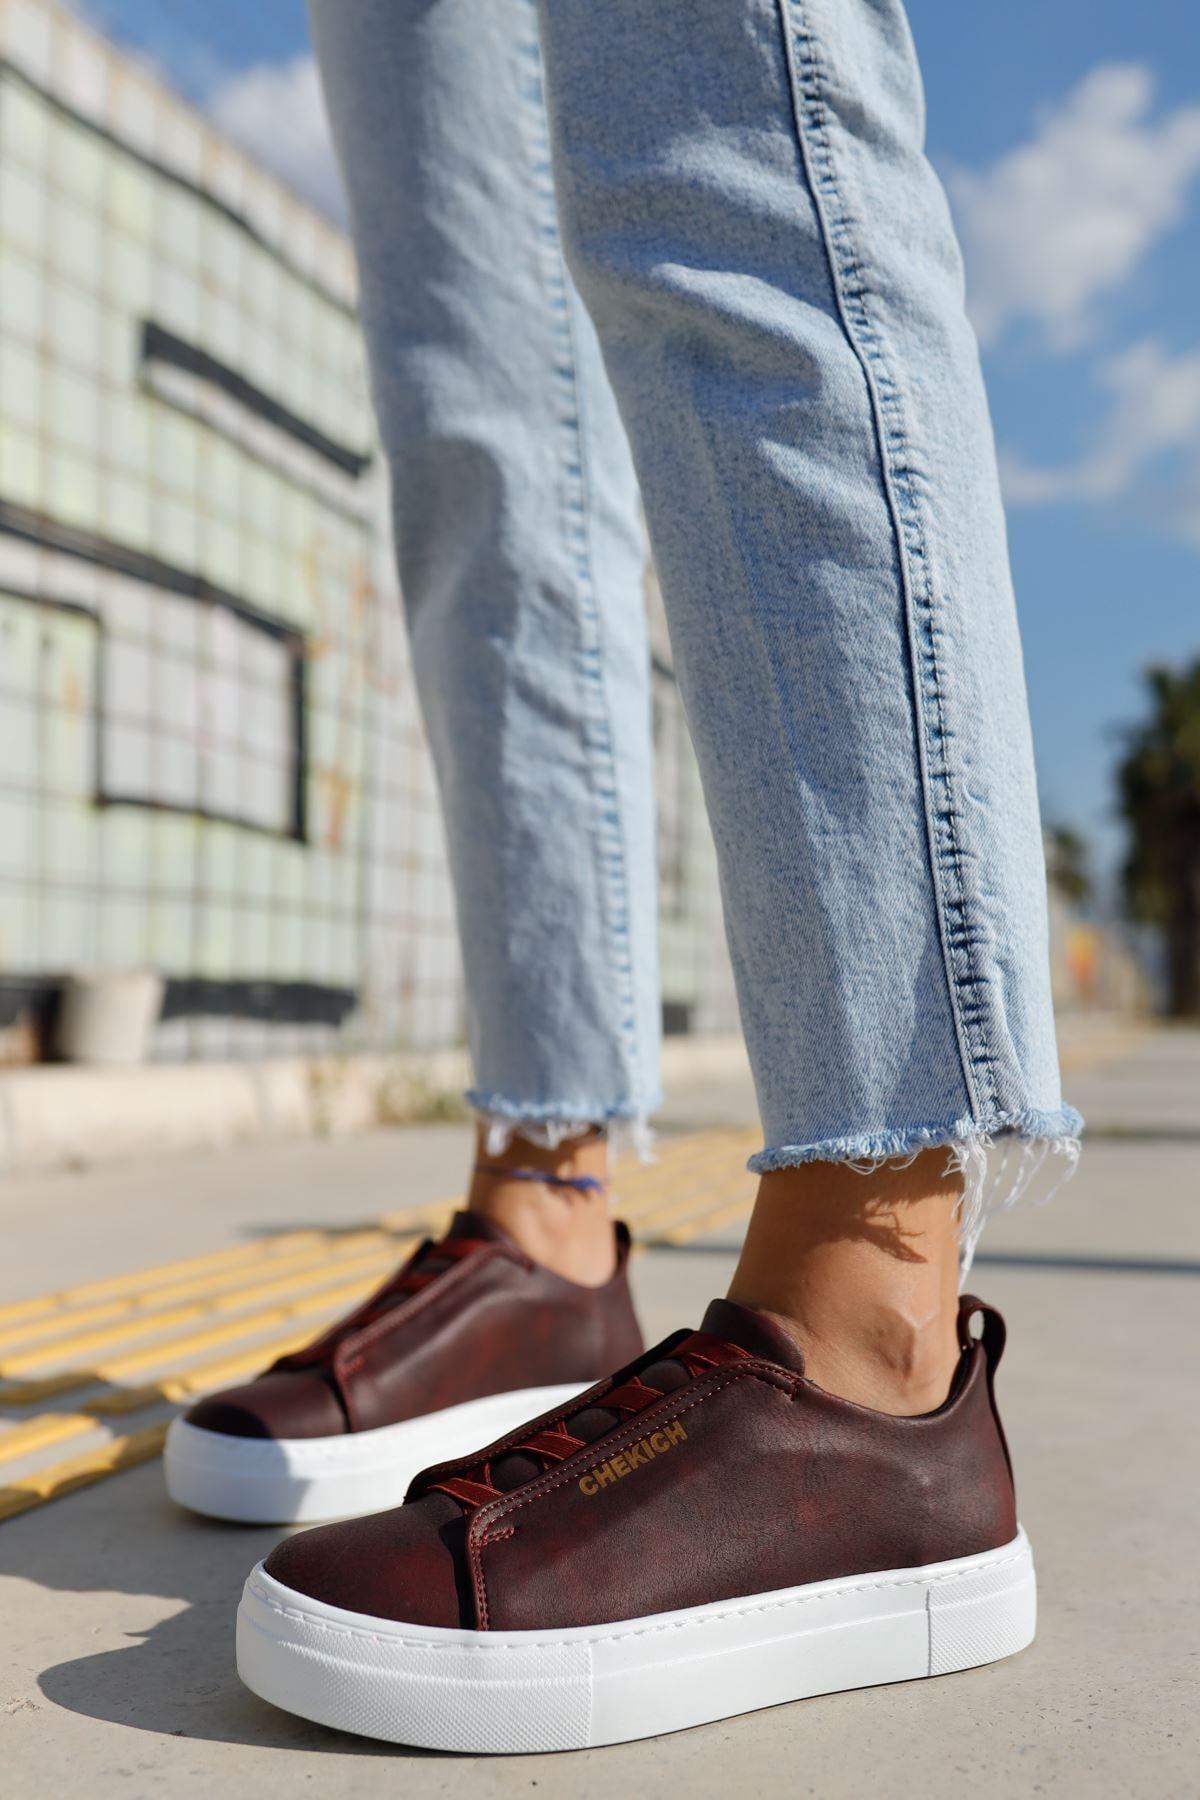 Chekich Ch013 Bt Kadın Ayakkabı Bordo 1